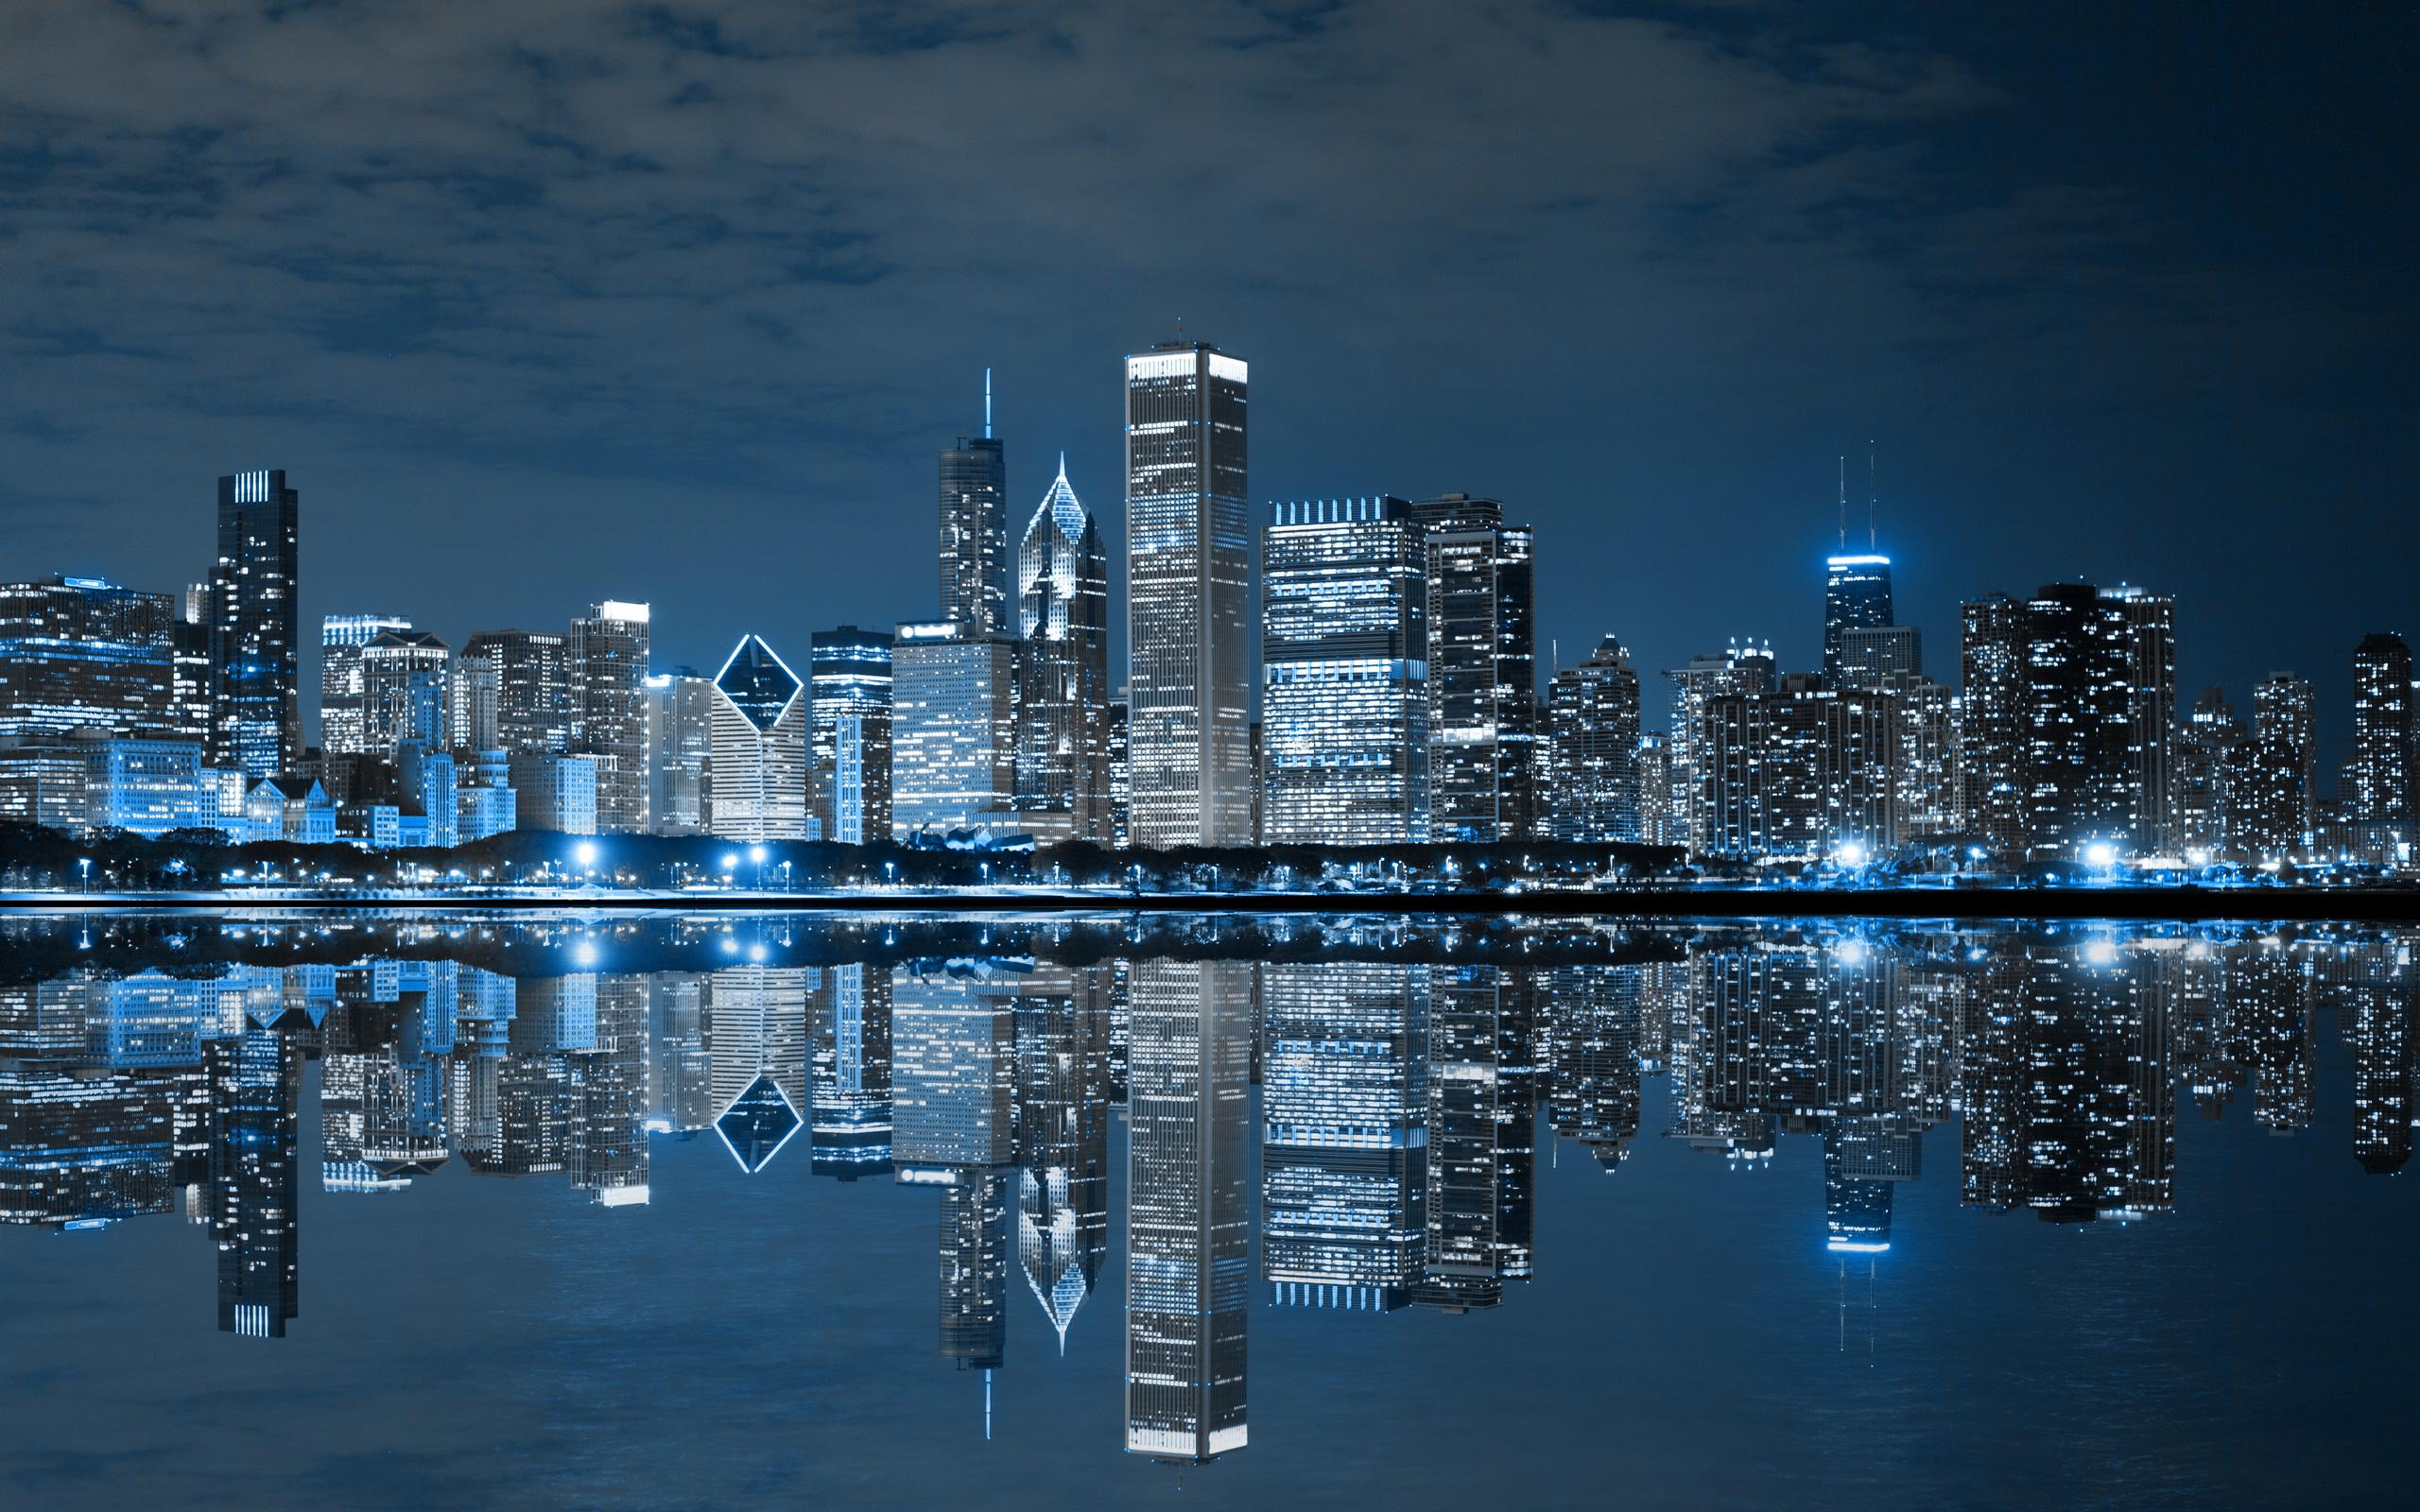 Ночной порт в Чикаго  № 3504450 бесплатно